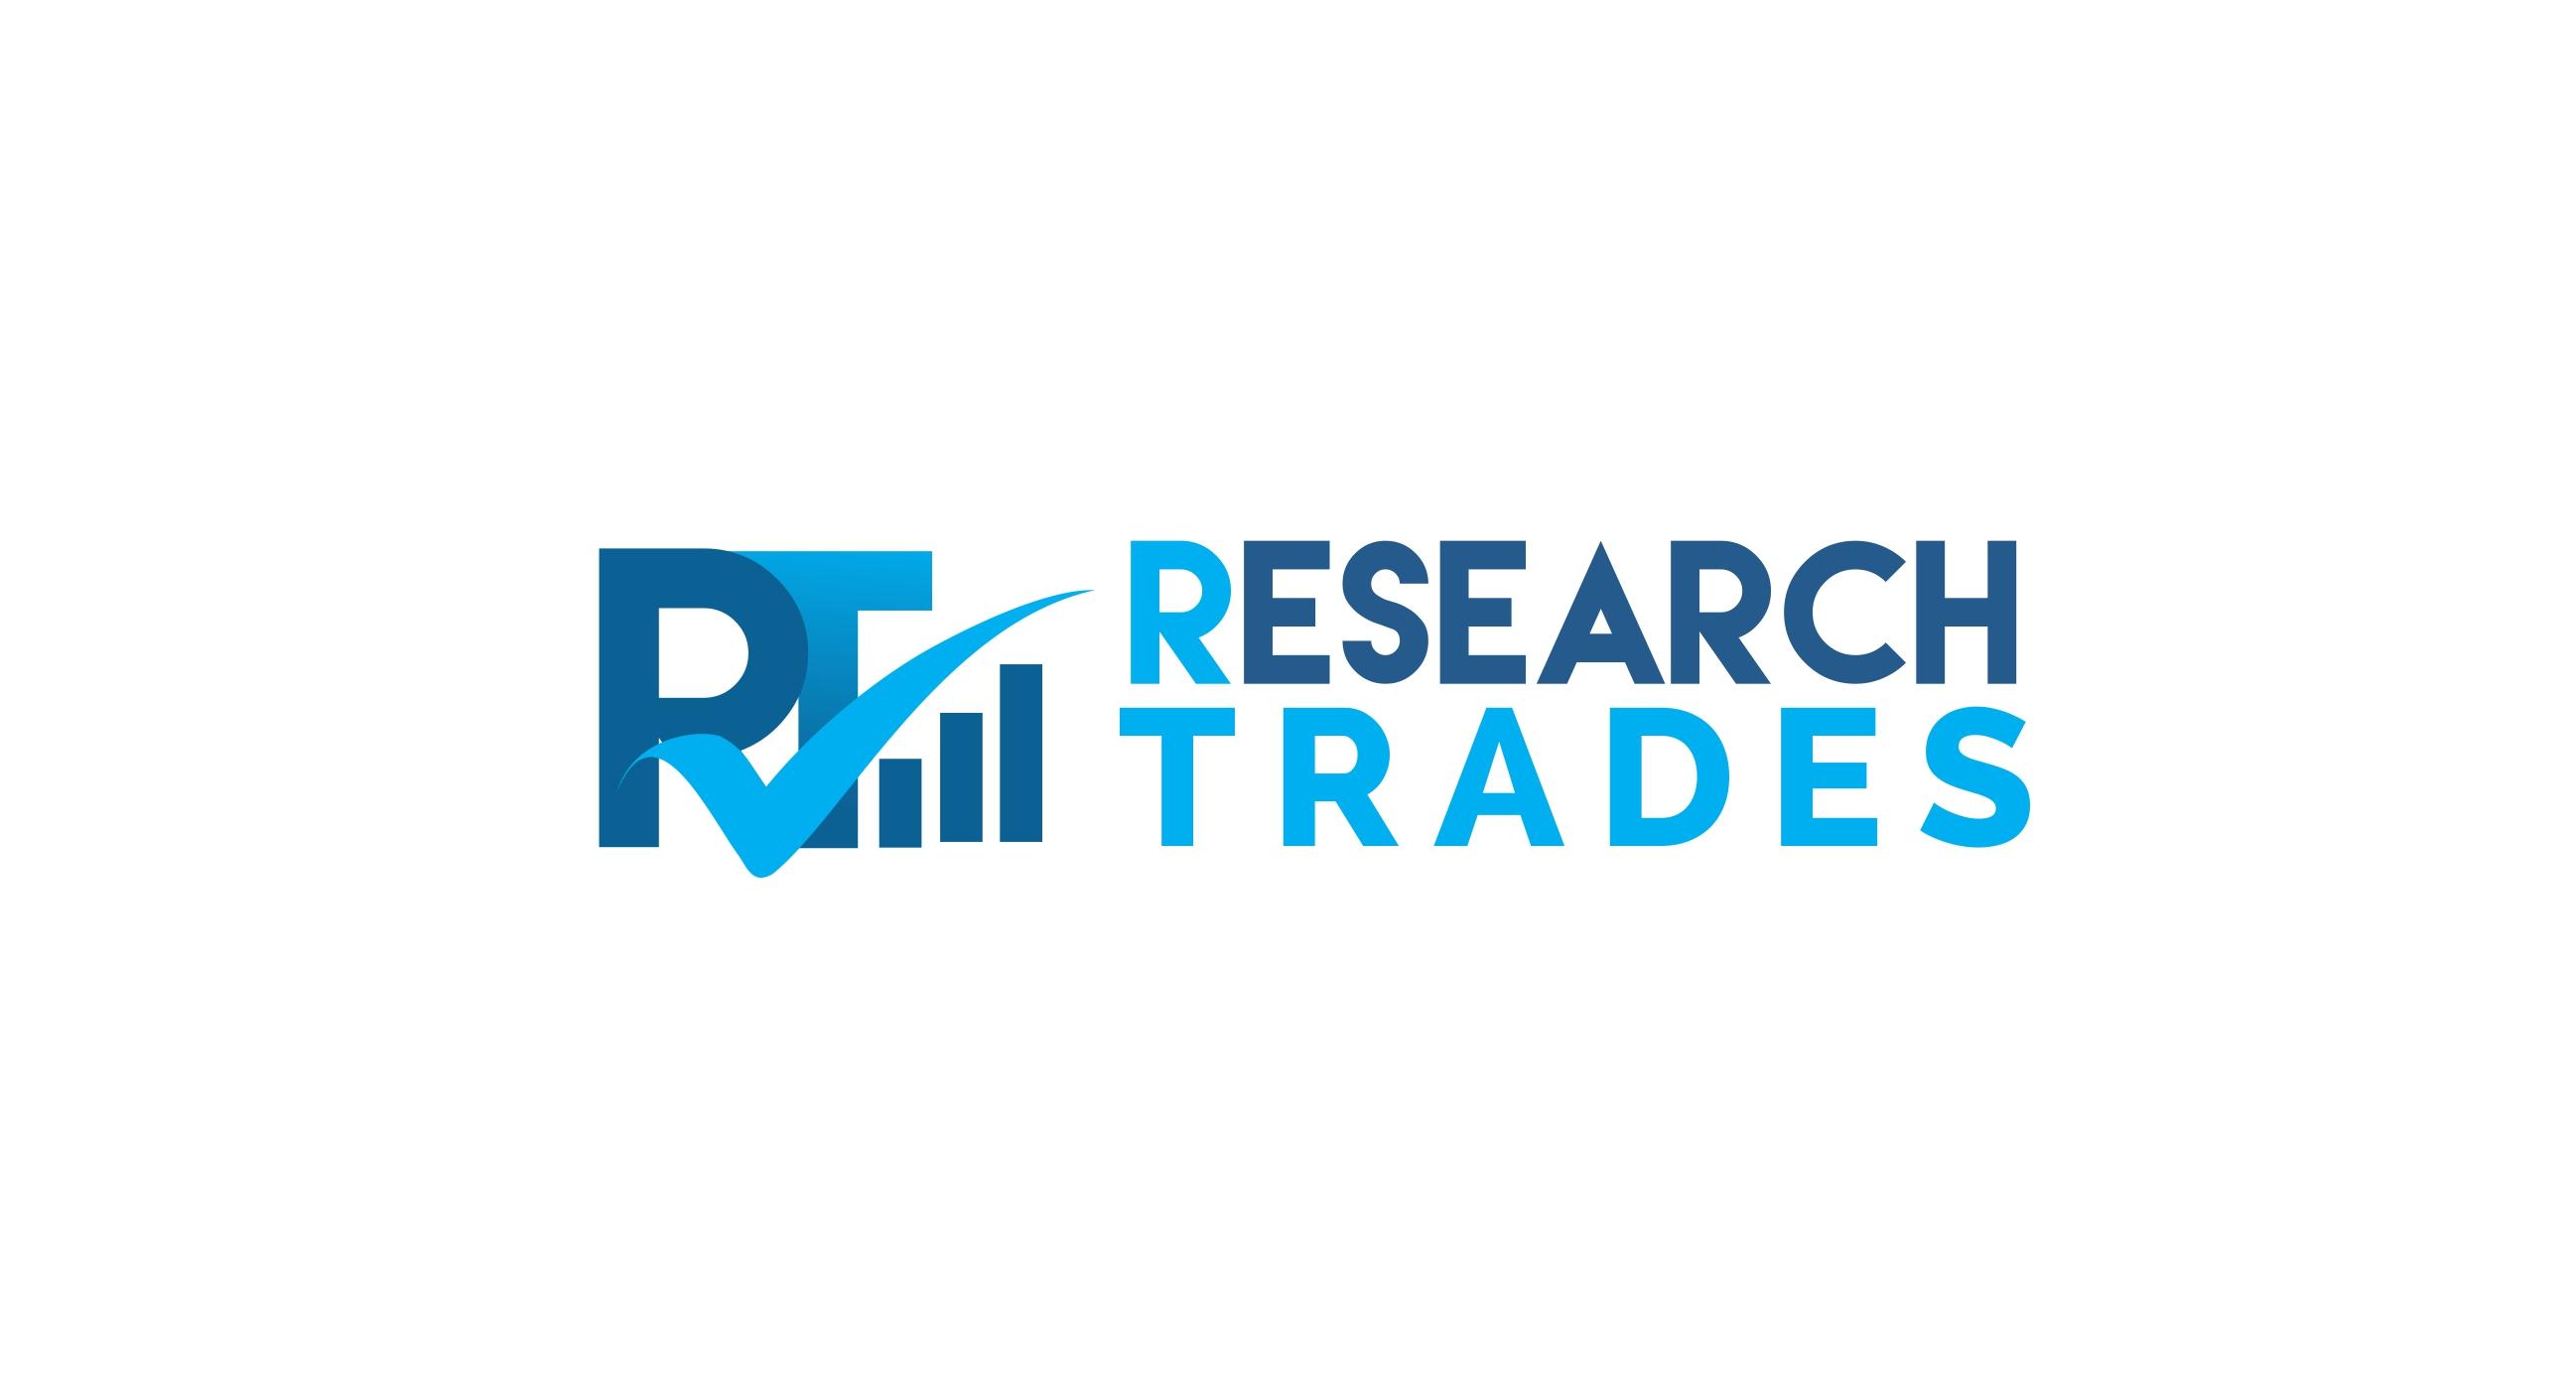 Cajas de carton corrugado global mercado 2025 | Por el papel internacional de jugadores clave, WestRock (RockTenn), Smurfit Kappa Group, Rengo y más